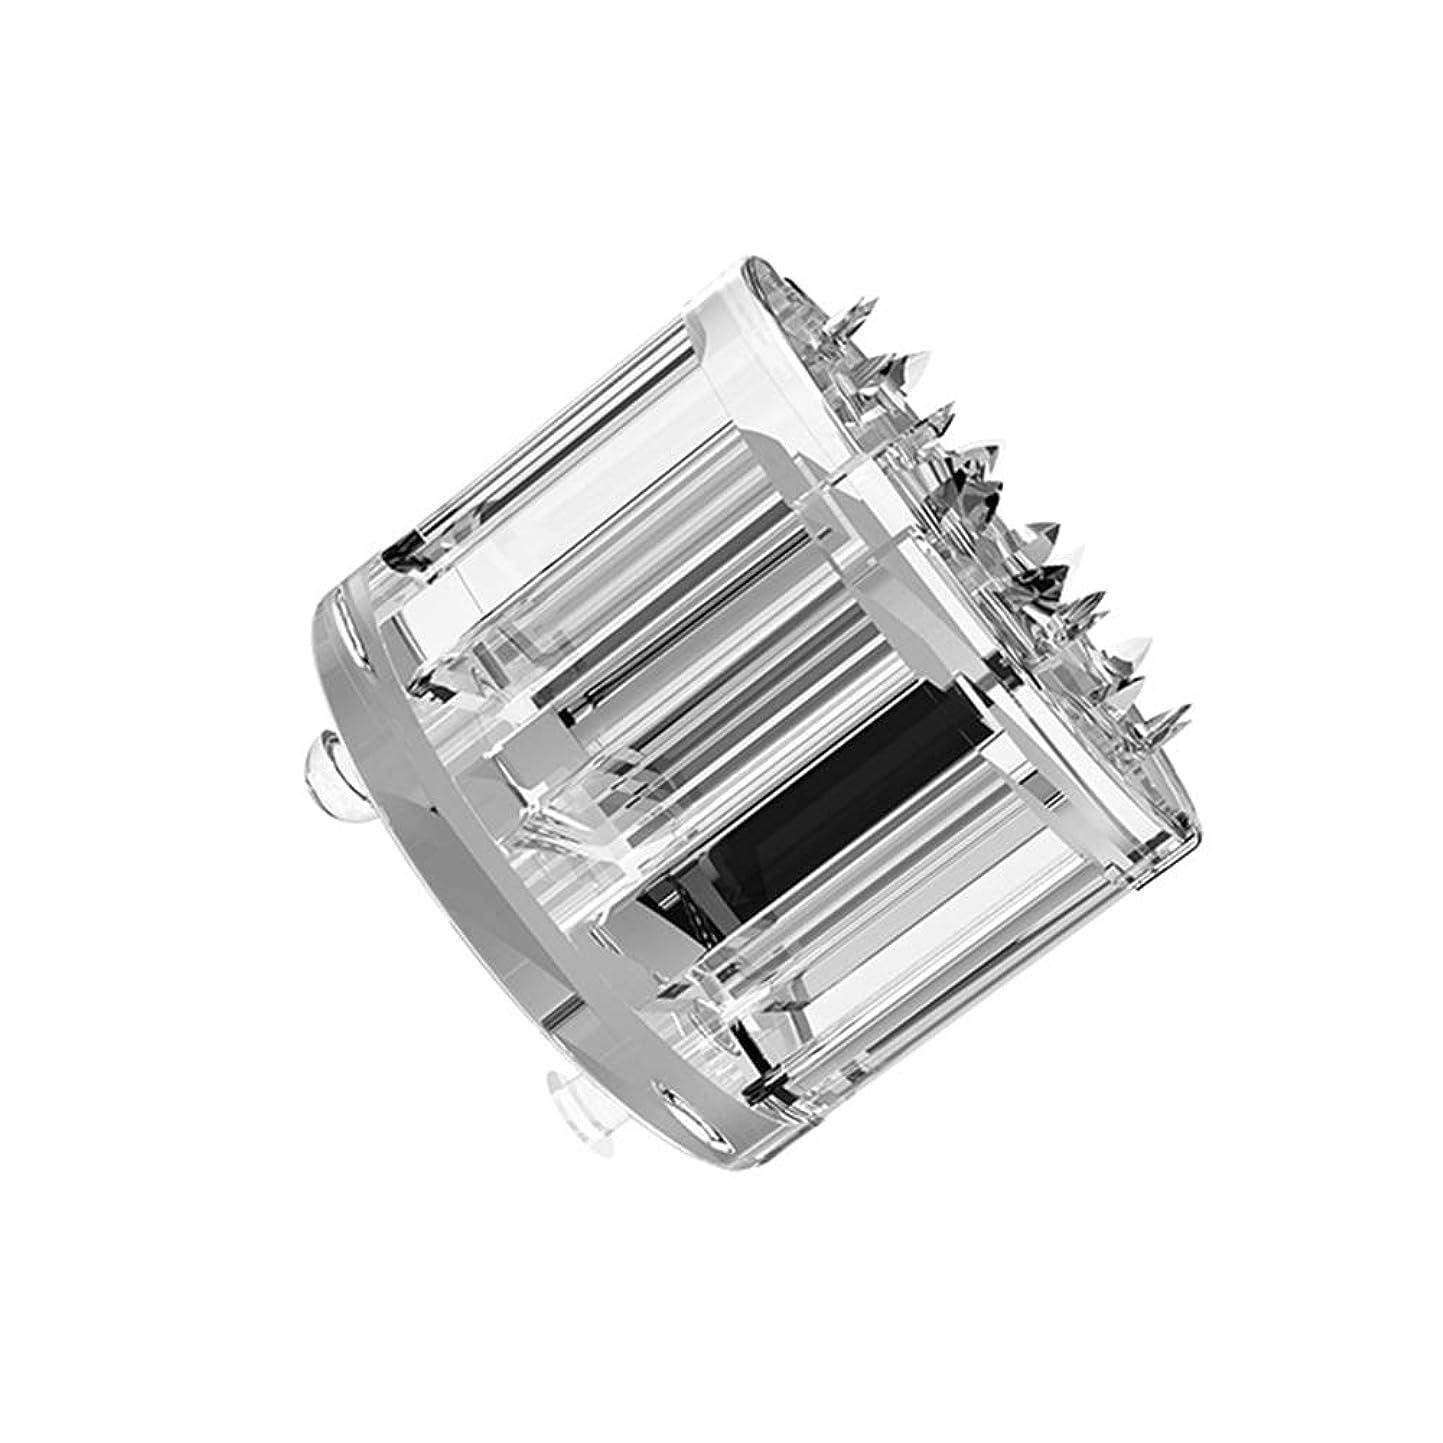 強要対応するまばたきMTS Home Care Micro pin-10ea (ticktok用) ティク ホームケア マイクロピン 化粧品の浸透 コラーゲン 肌の弾力 アップ マイクロピン 毛穴や小じわ 角質ケア